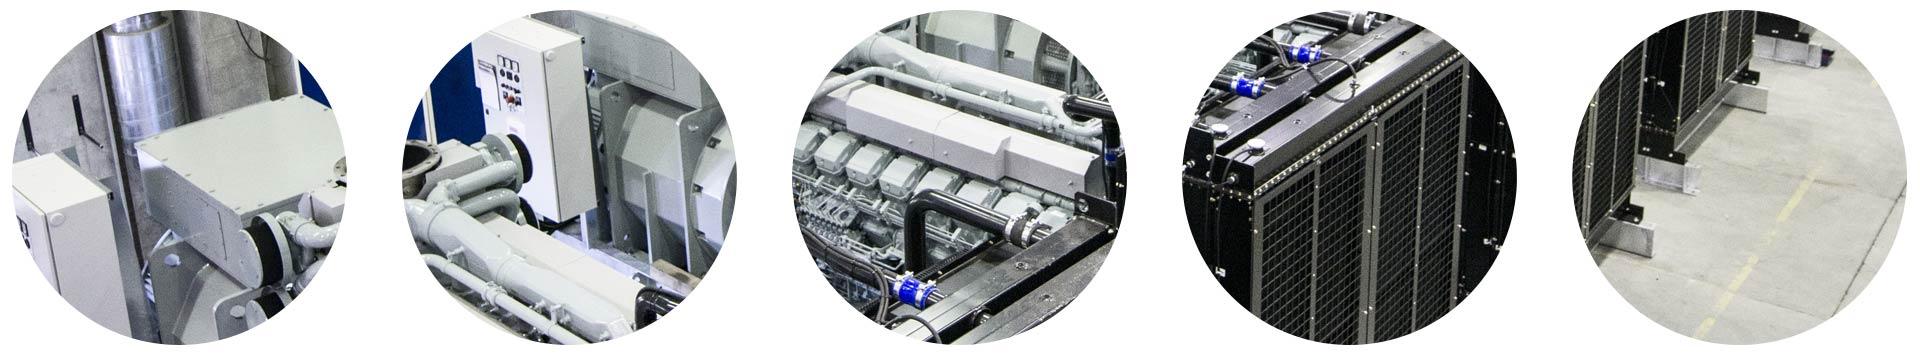 Coromatic har markedets beste utvalg av reservekraftsaggregater